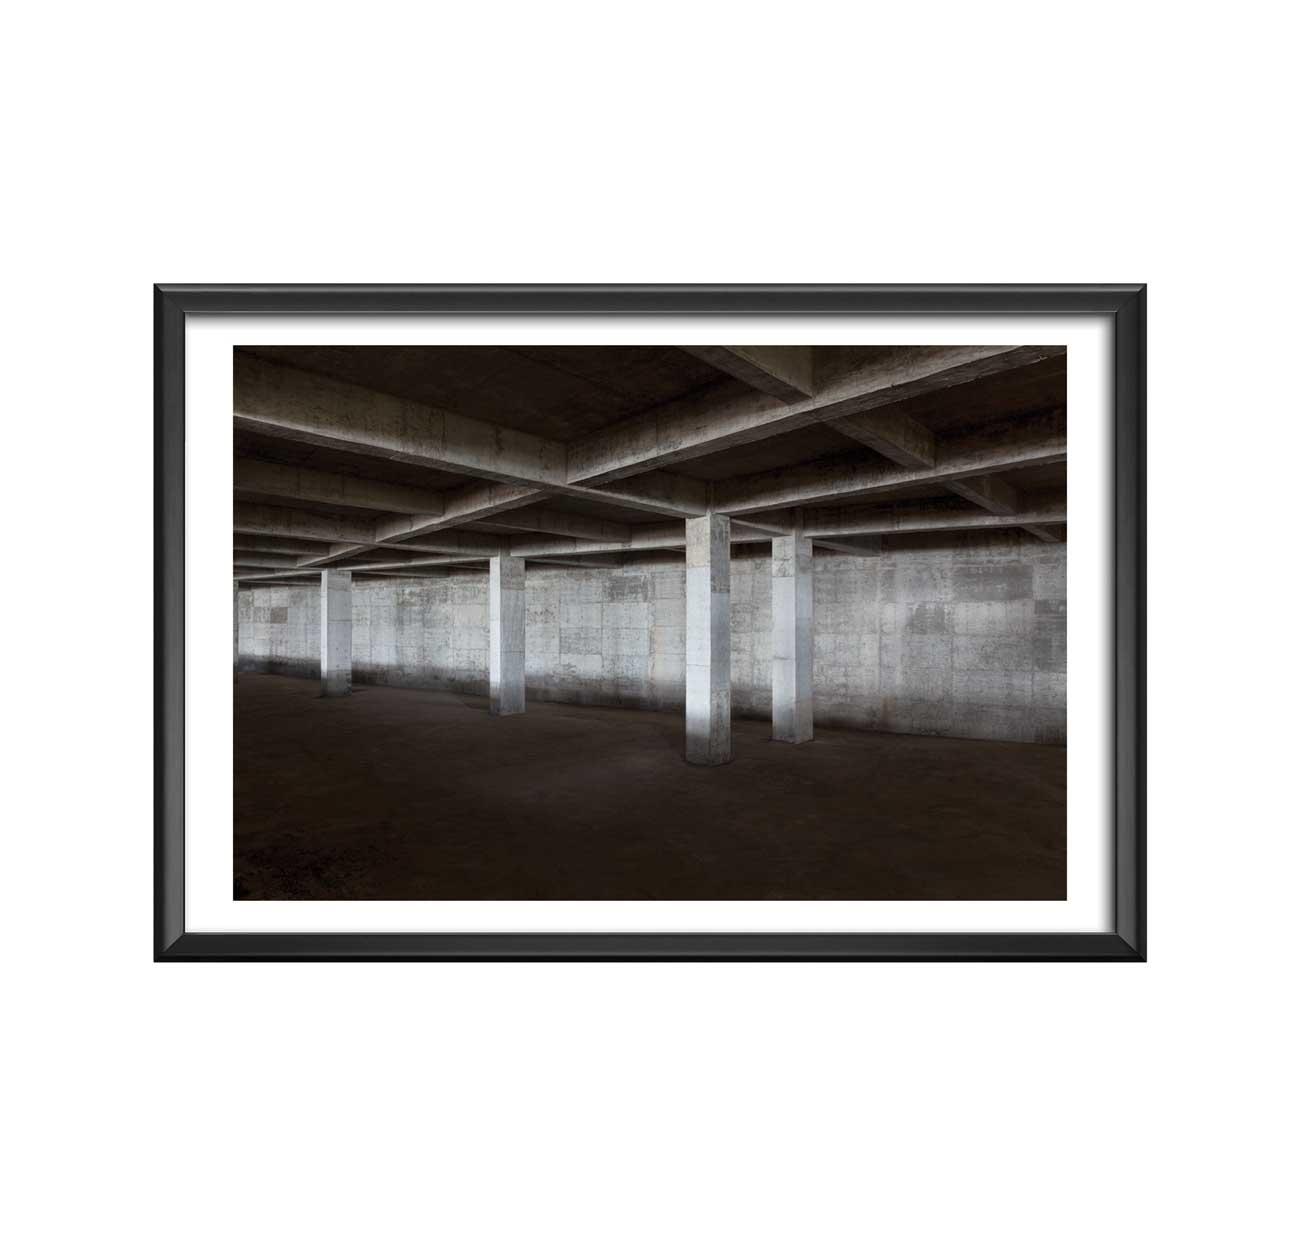 tirage limit xiamen 6 aur lie foussard photographie d 39 art contemporain pandorart. Black Bedroom Furniture Sets. Home Design Ideas